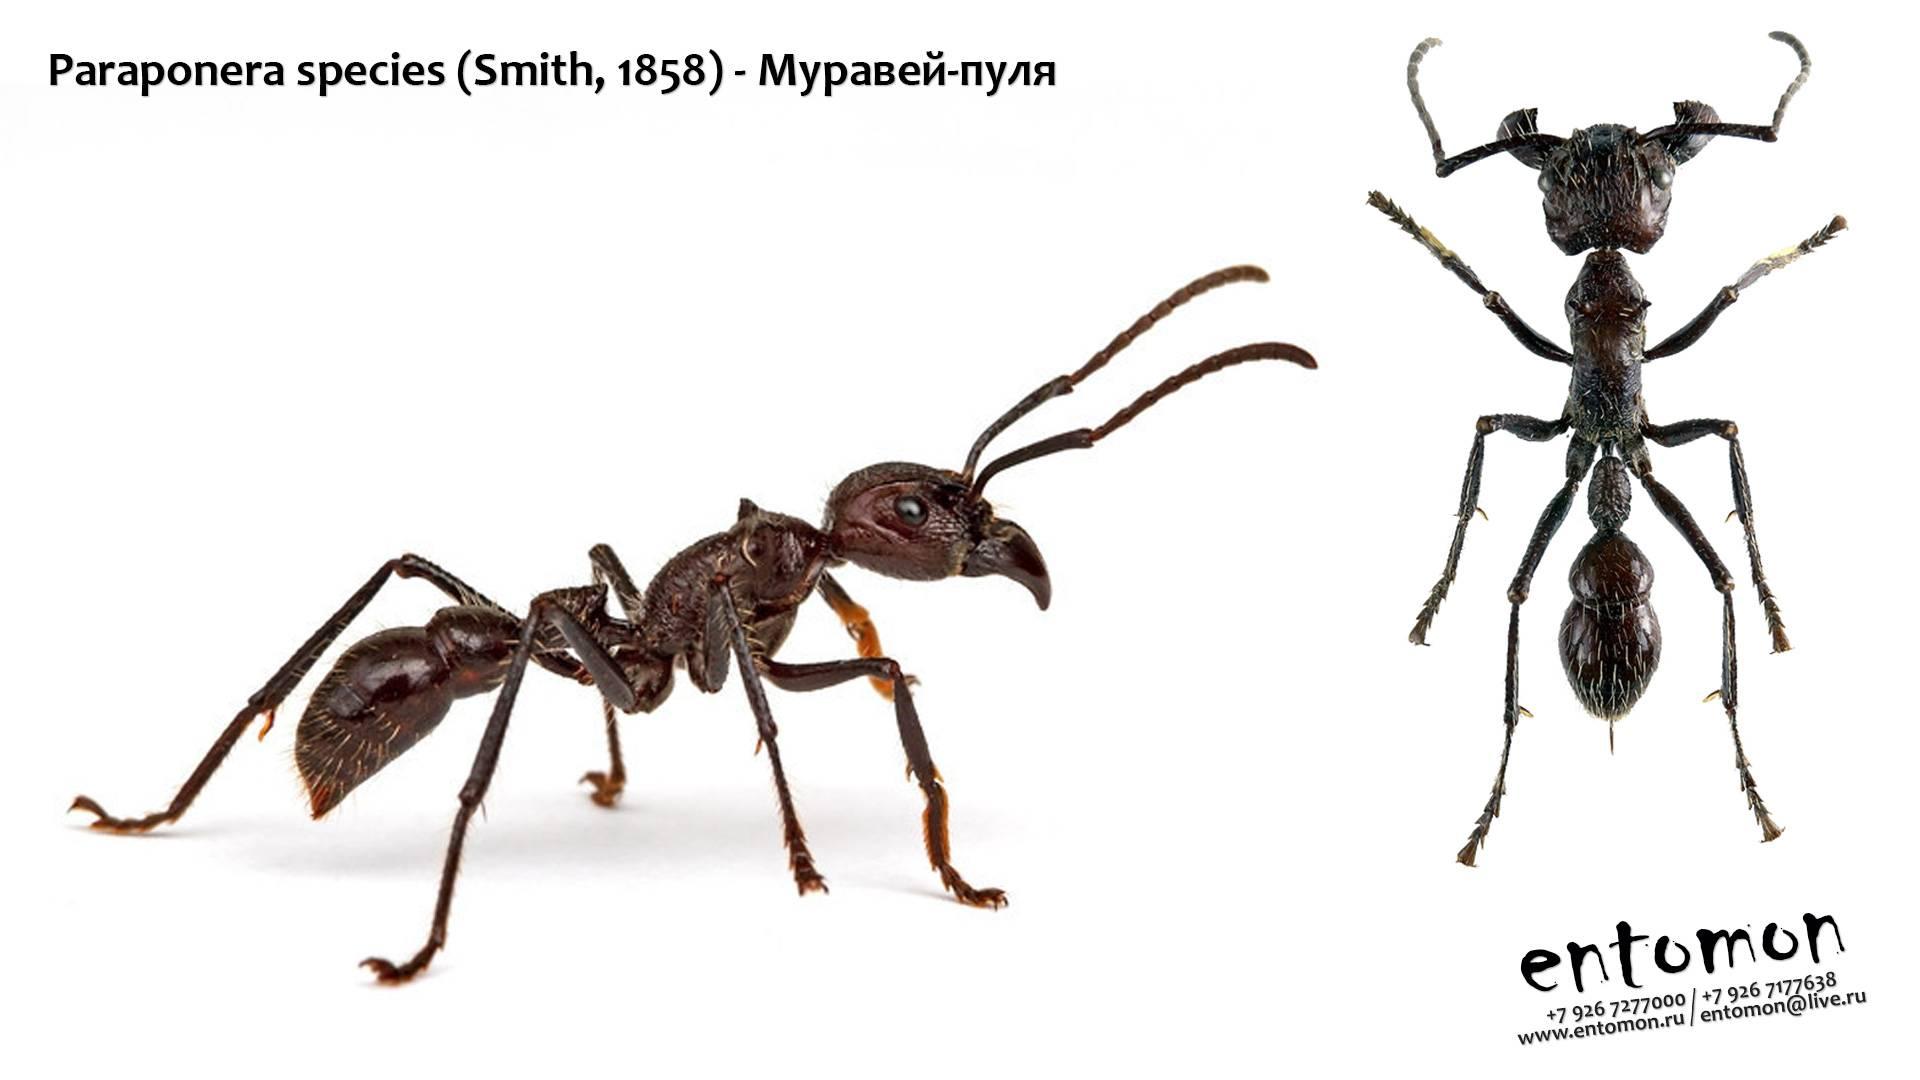 Как выглядит муравей Пуля – отличительные черты, места обитания, особенности жизнедеятельности и развития колонии